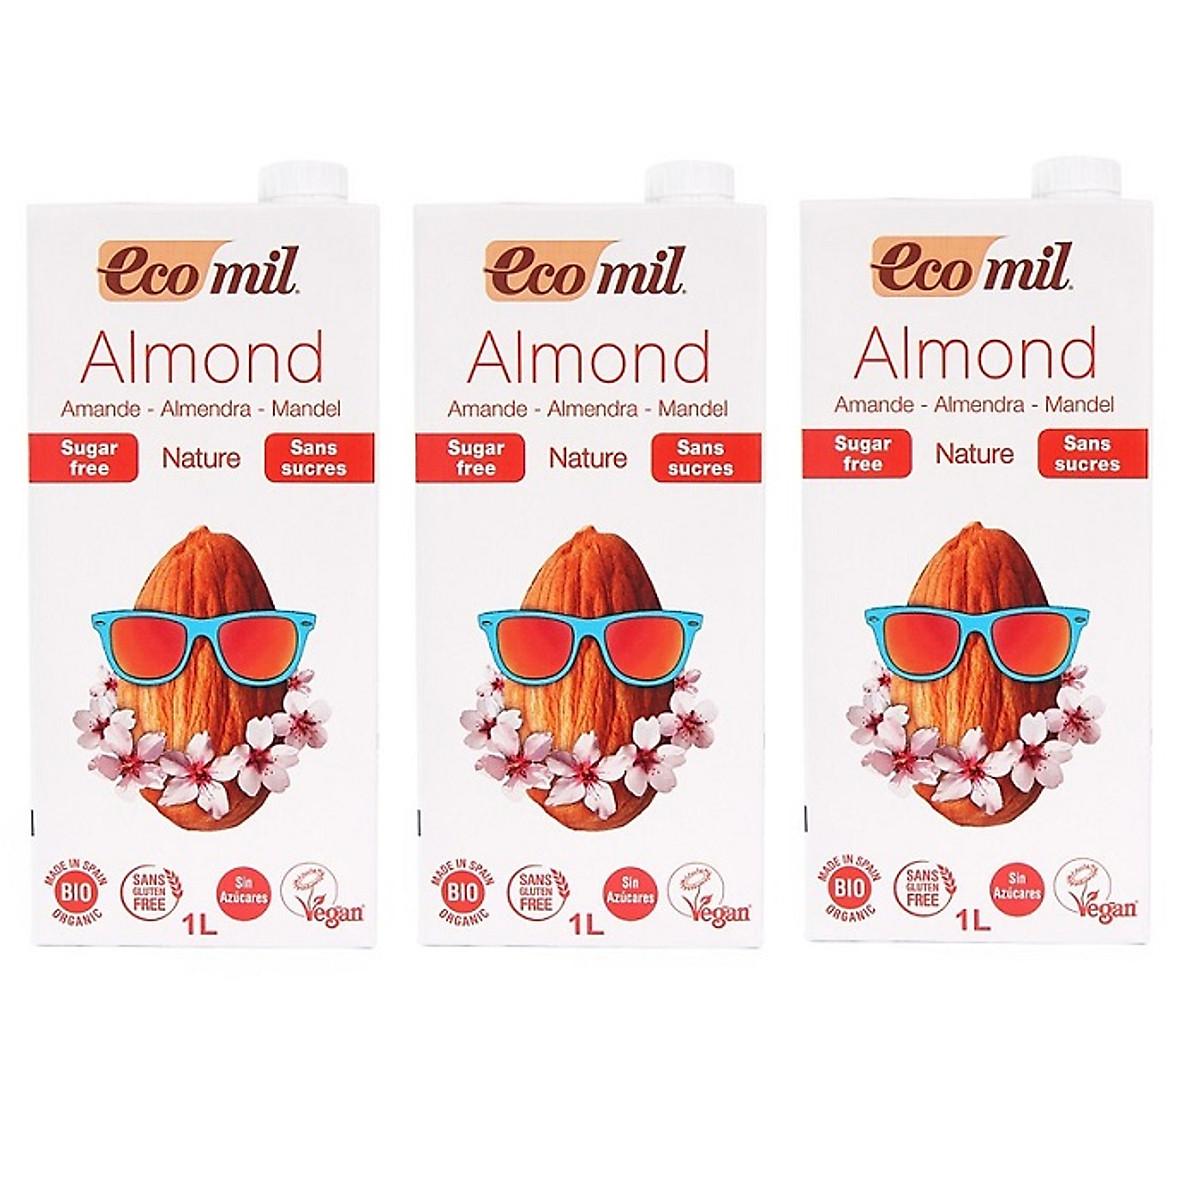 Nước hạnh nhân không đường hữu cơ Ecomil (1L) -  Lốc 3 hộp